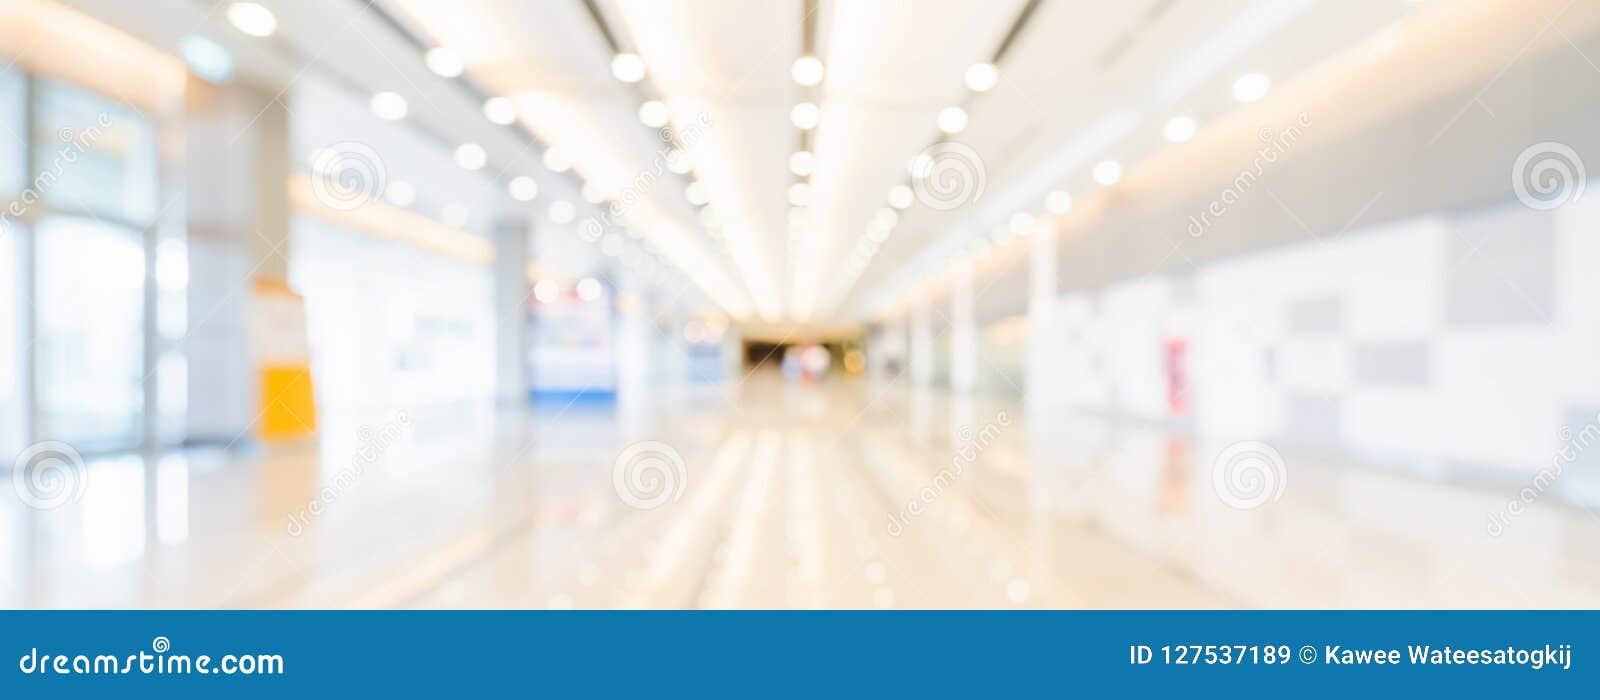 展览室或会议中心走廊被弄脏的bokeh全景横幅背景  企业商业展览事件